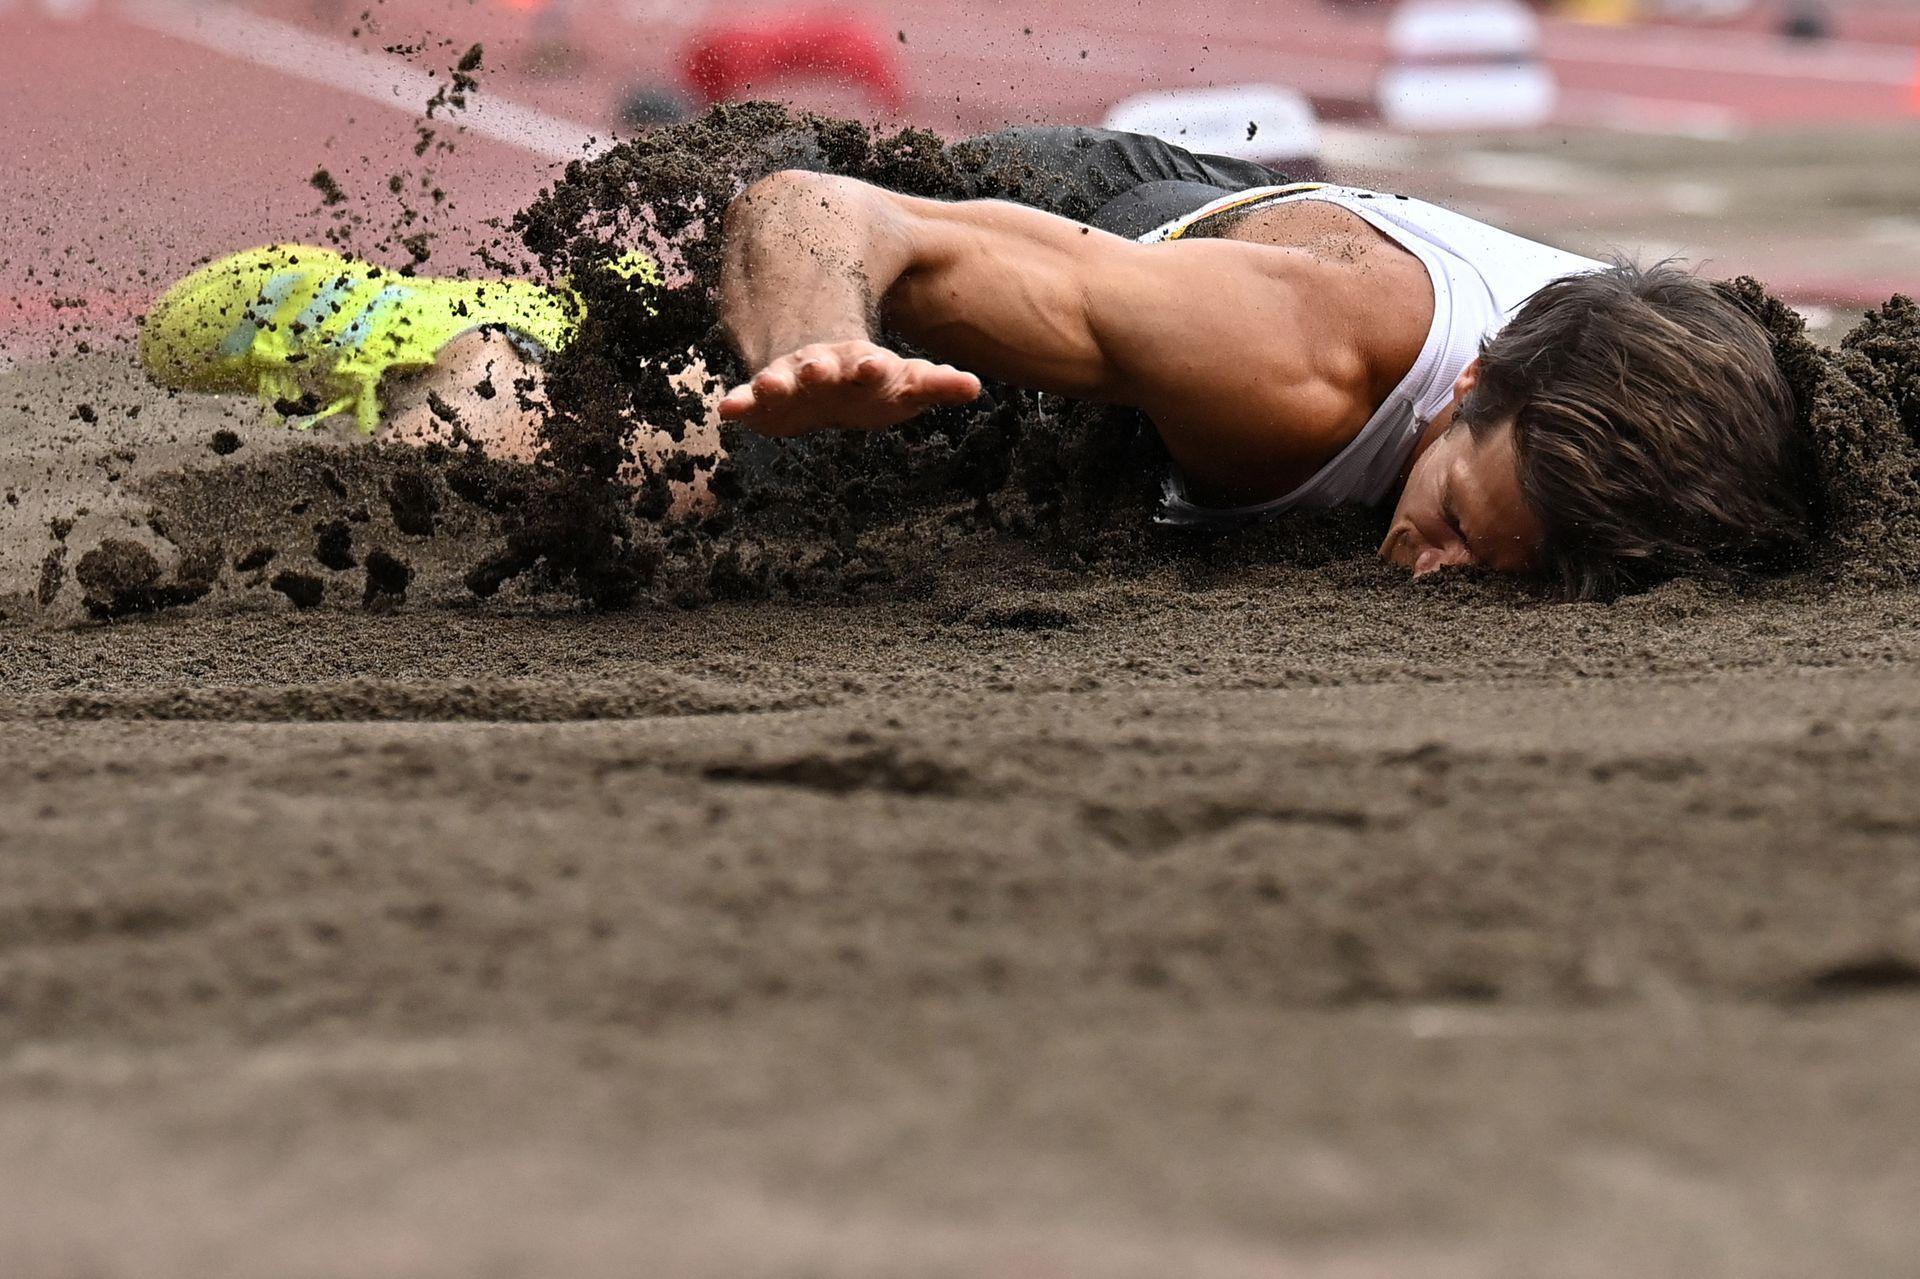 El belga Thomas Van Der Plaetsen se lesiona durante la competencia de salto en largo en el Estadio Olímpico de Tokio el 4 de agosto de 2021.